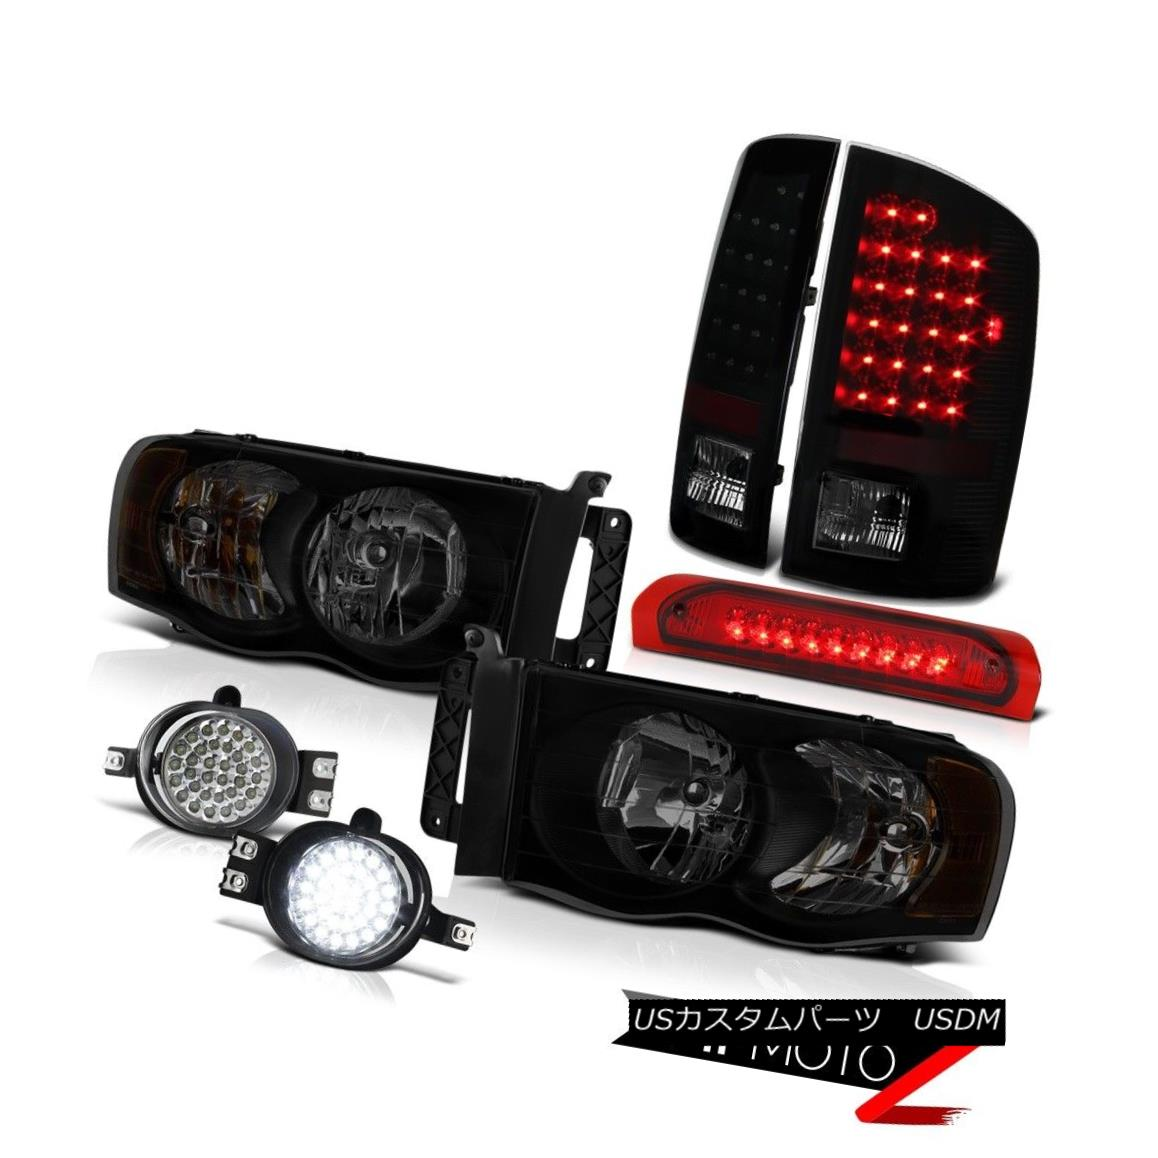 テールライト 02-05 Ram 1500 2500 3500 5.7L Headlamps Fog Lamps Wine Red High Stop Lamp Tail 02-05 Ram 1500 2500 3500 5.7Lヘッドランプフォグランプワインレッドハイストップランプテール